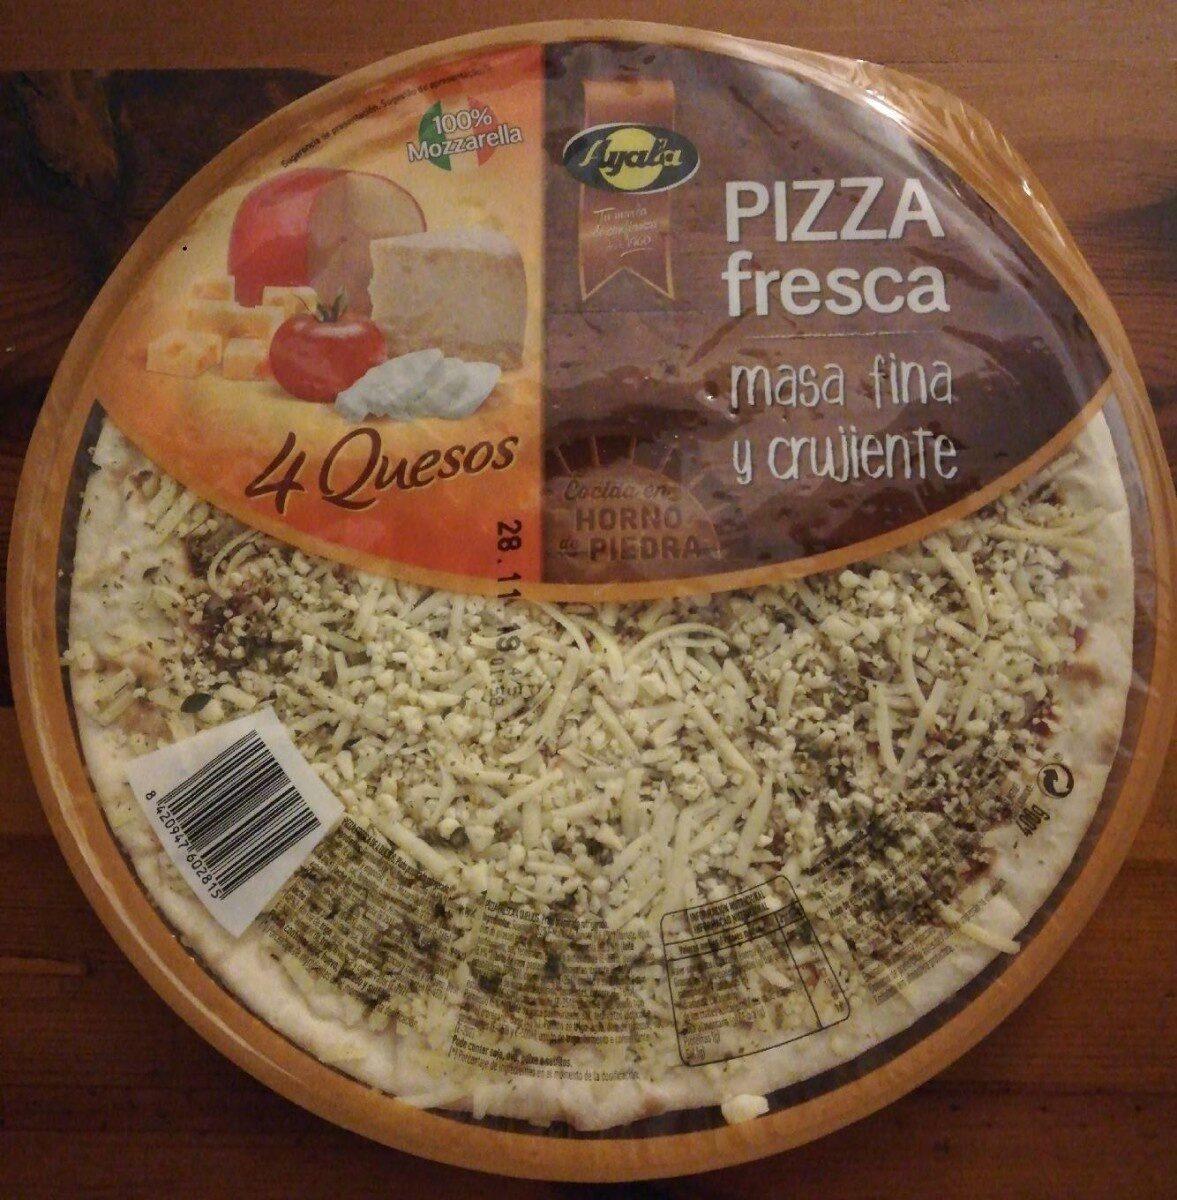 Pizza fresca 4 quesos - Producte